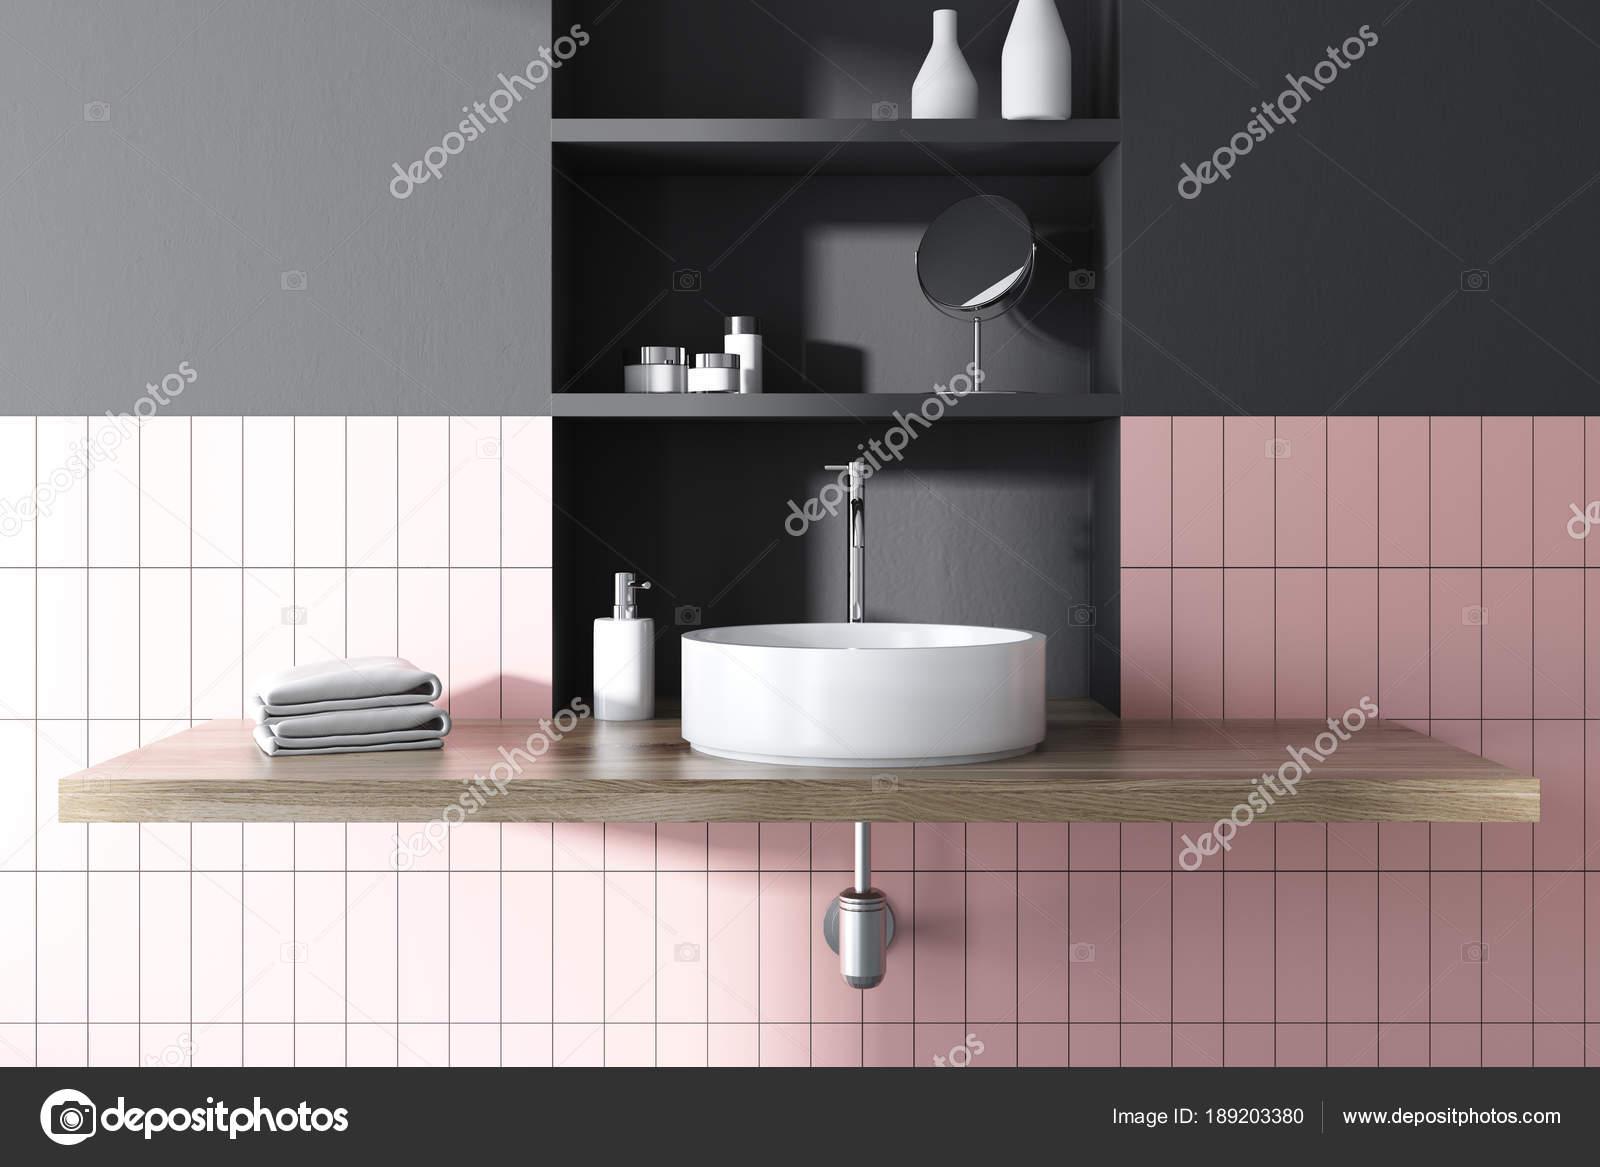 Lavello tondo in un interno di rosa bagno piastrellato e nero con ampia  toiletry scaffali dietro di esso. rendering 3D mock up \u2014 Foto di